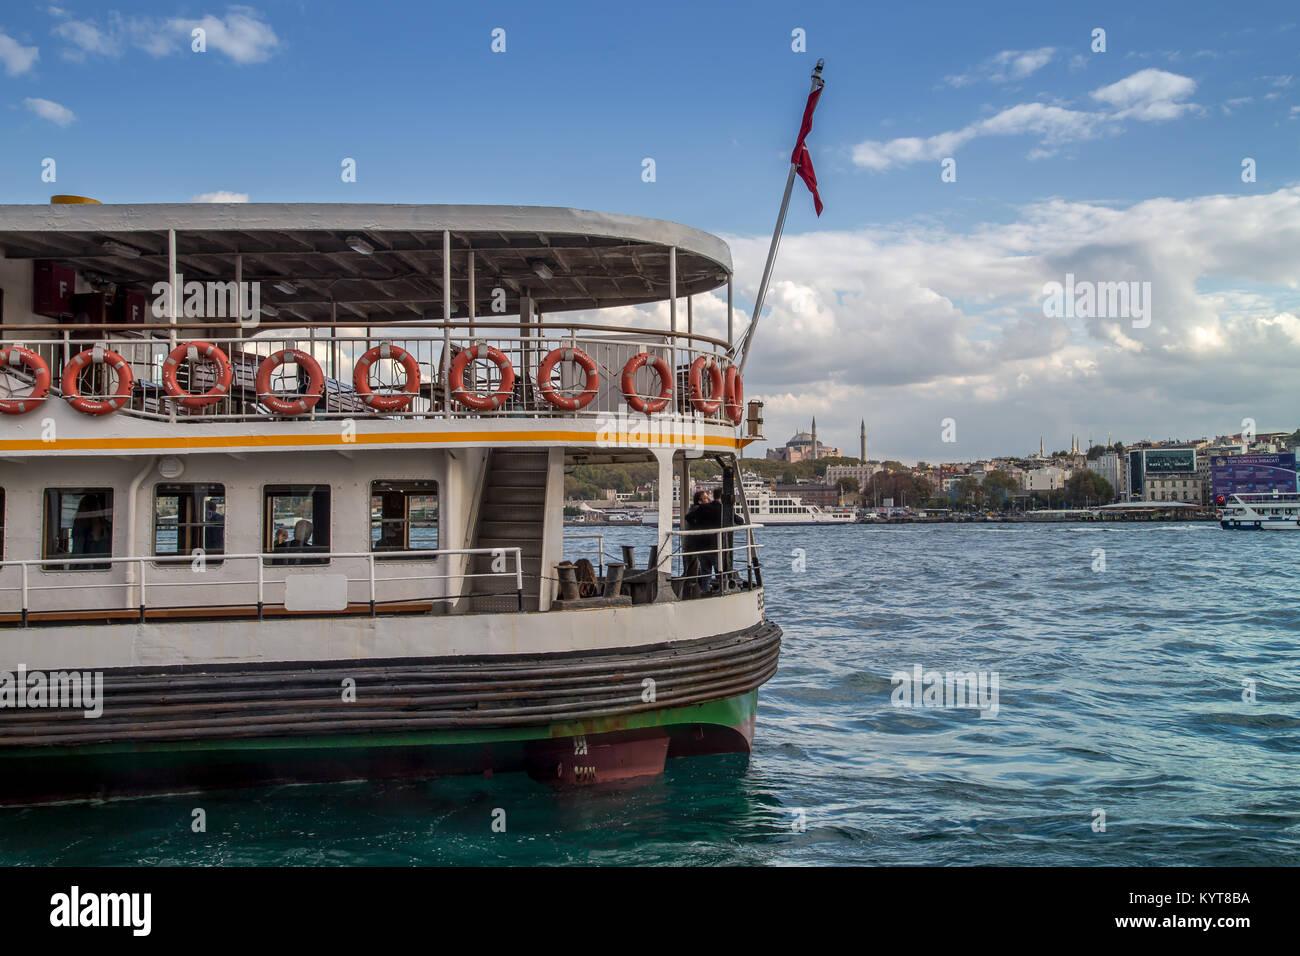 Karaköy İskele Harbor - Stock Image